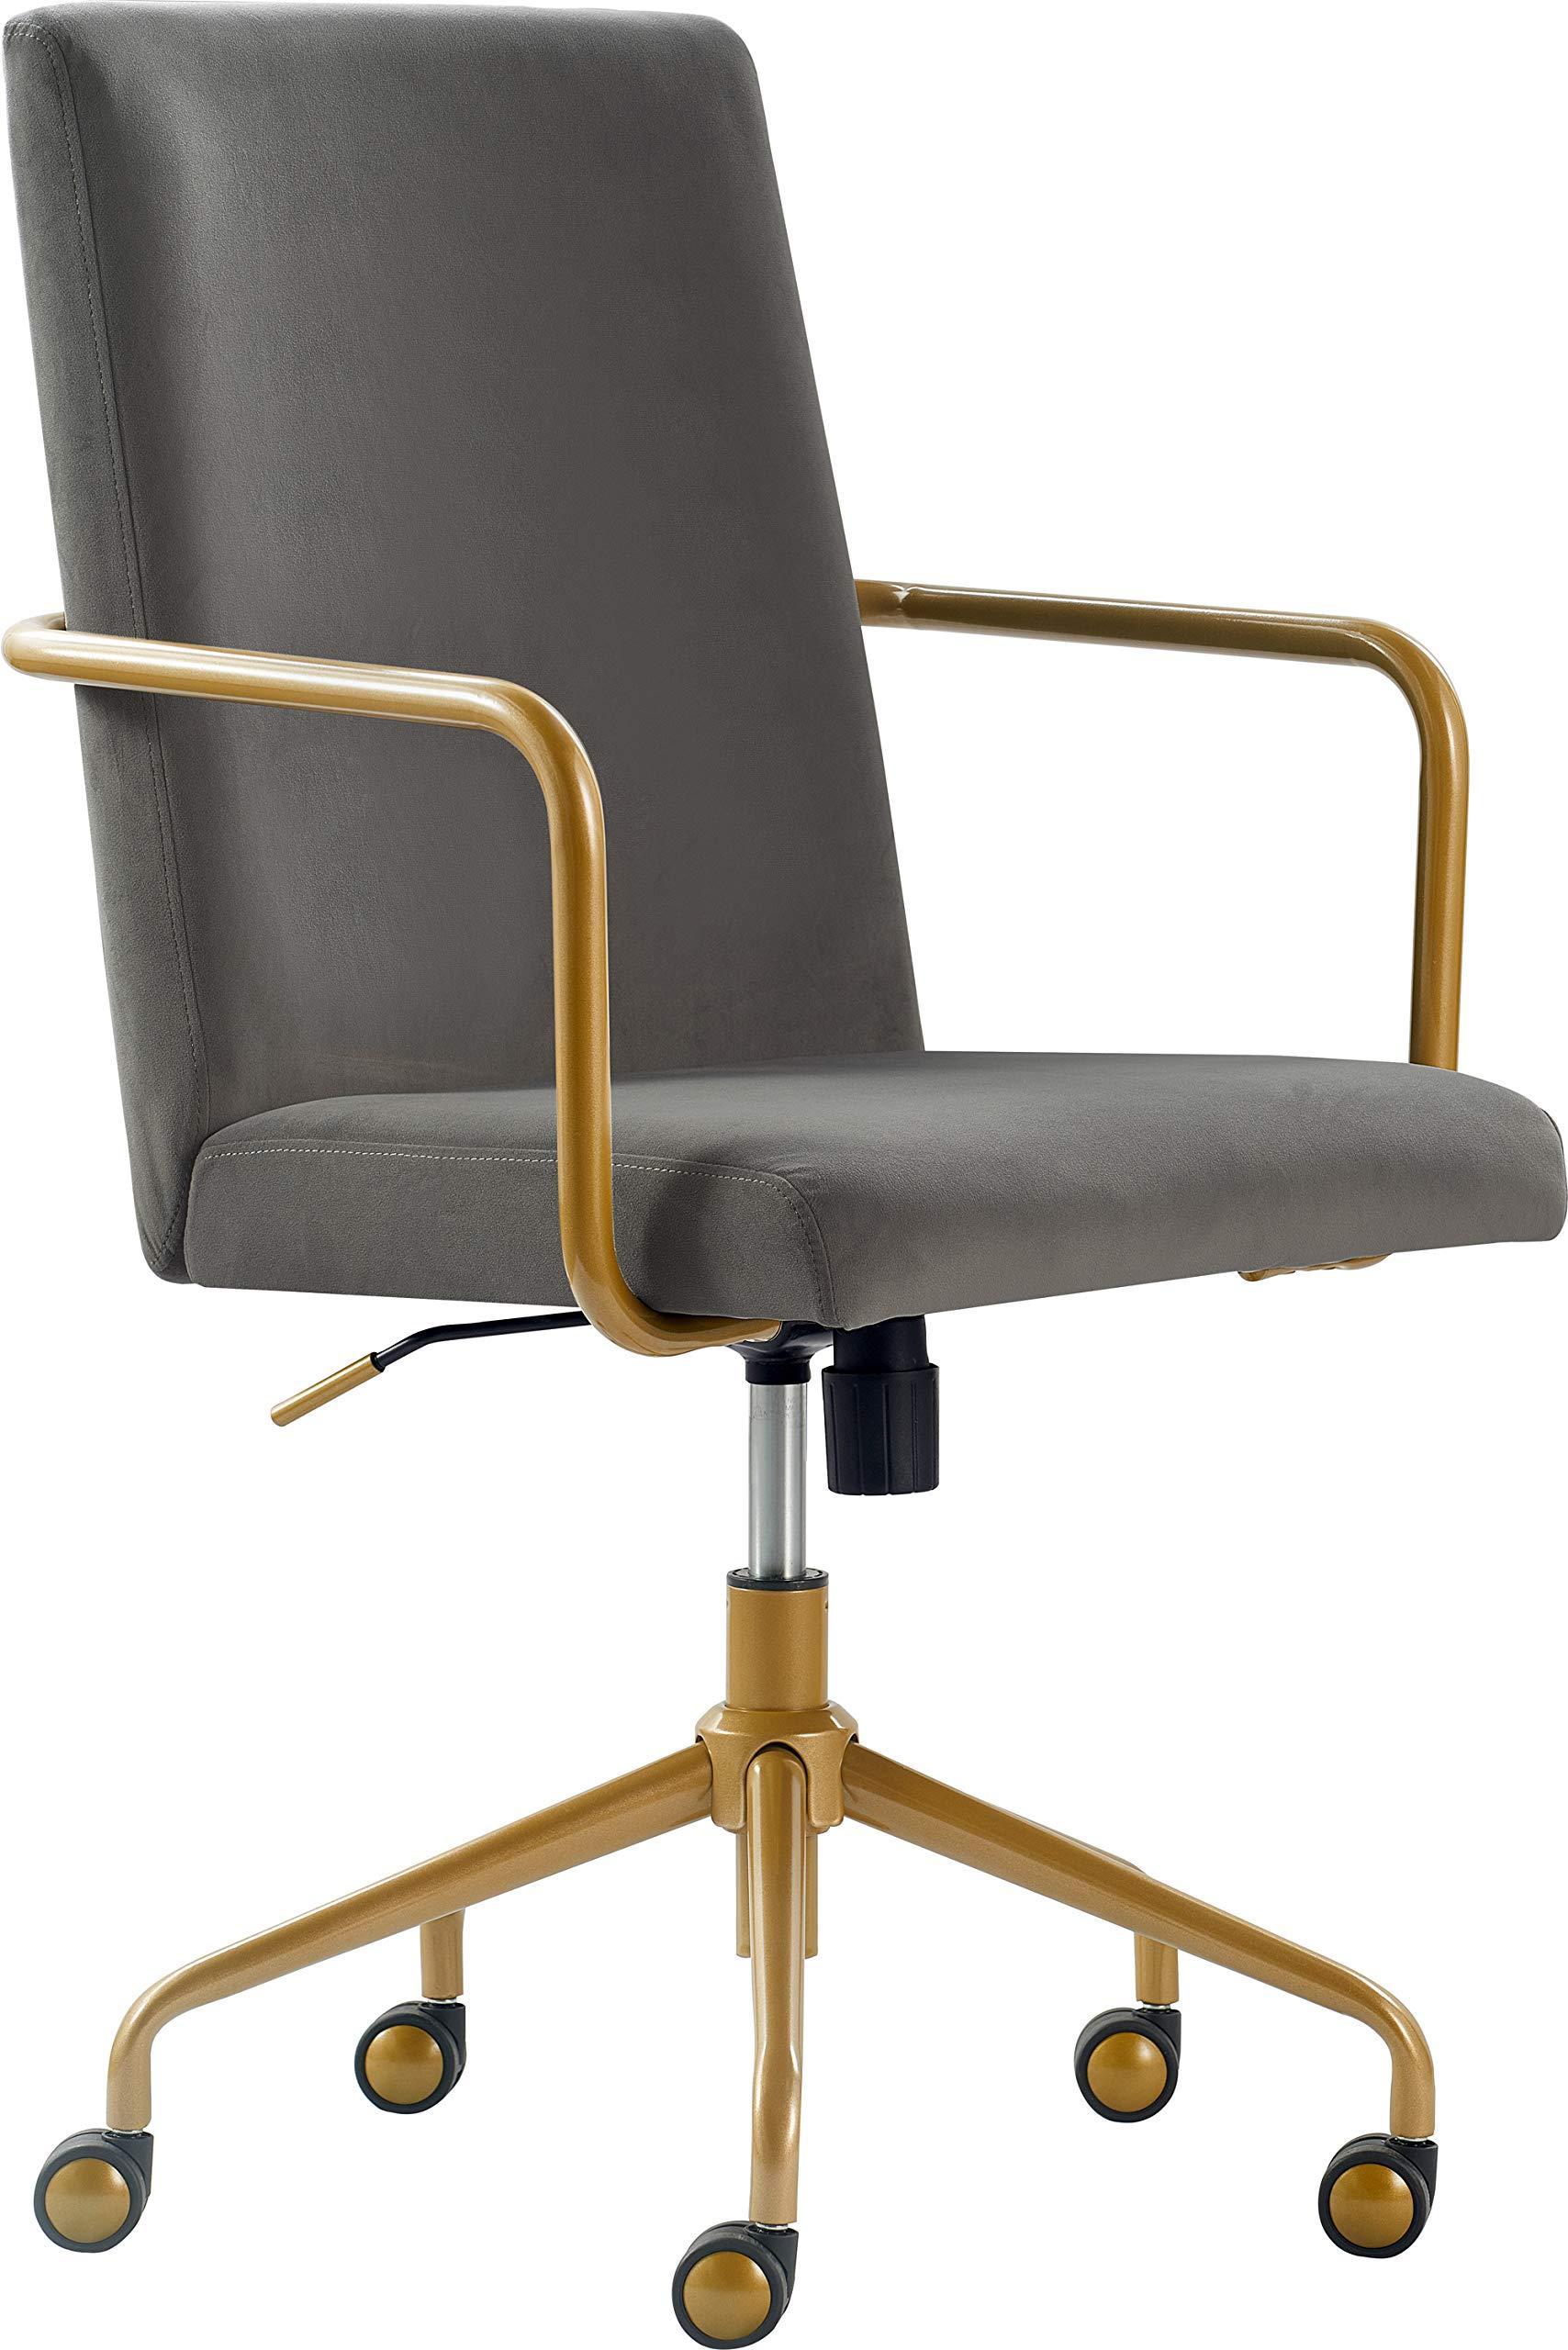 Elle Decor Giselle Home Office Chair, Light Gray, Light Gray by Elle Decor